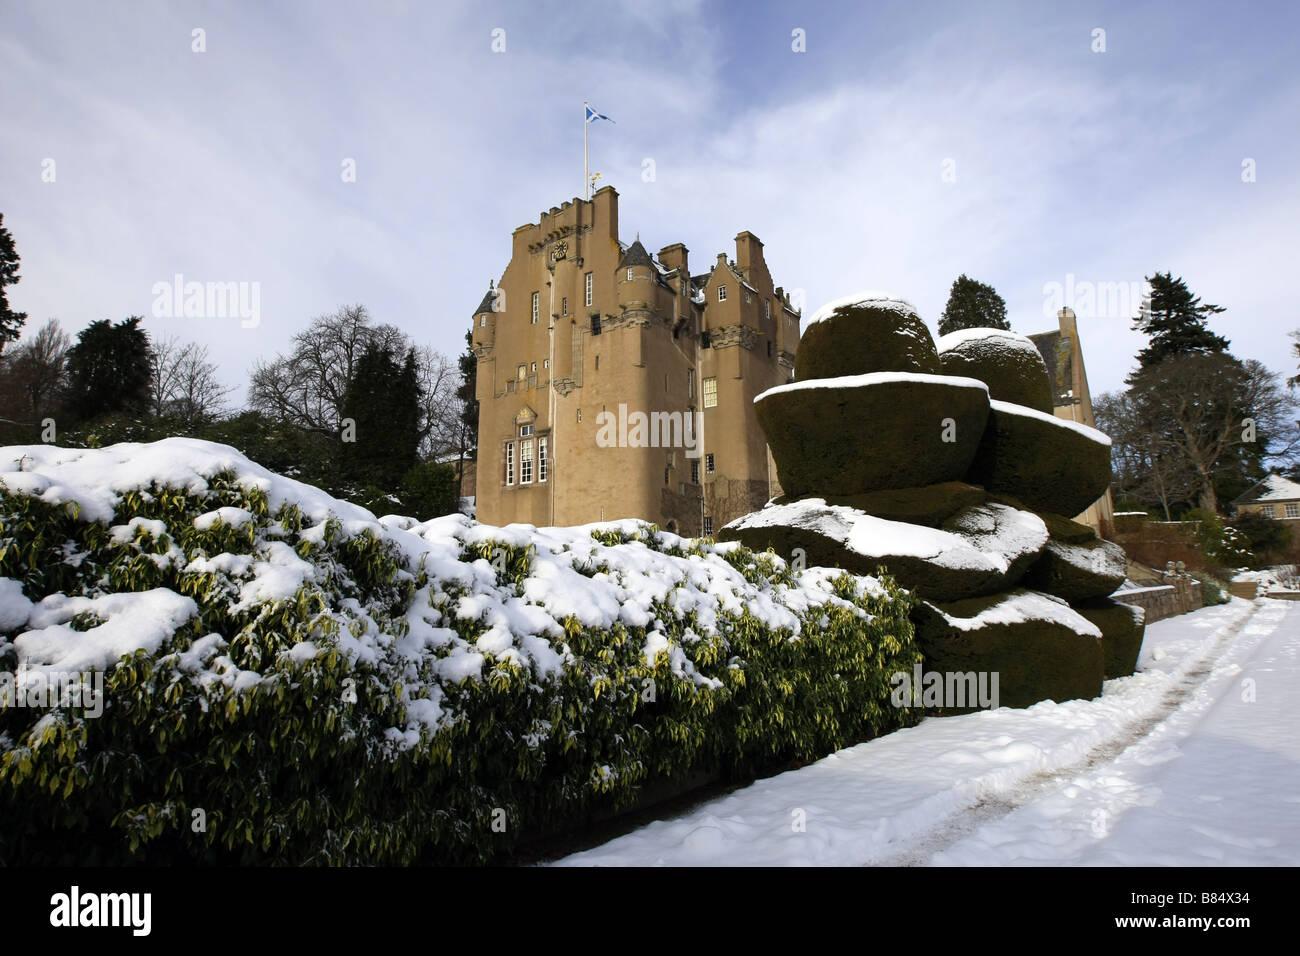 Vista exterior del castillo de Crathes y terrenos cerca de Banchory, aberdeenshire, Escocia, Reino Unido, cubierto Imagen De Stock